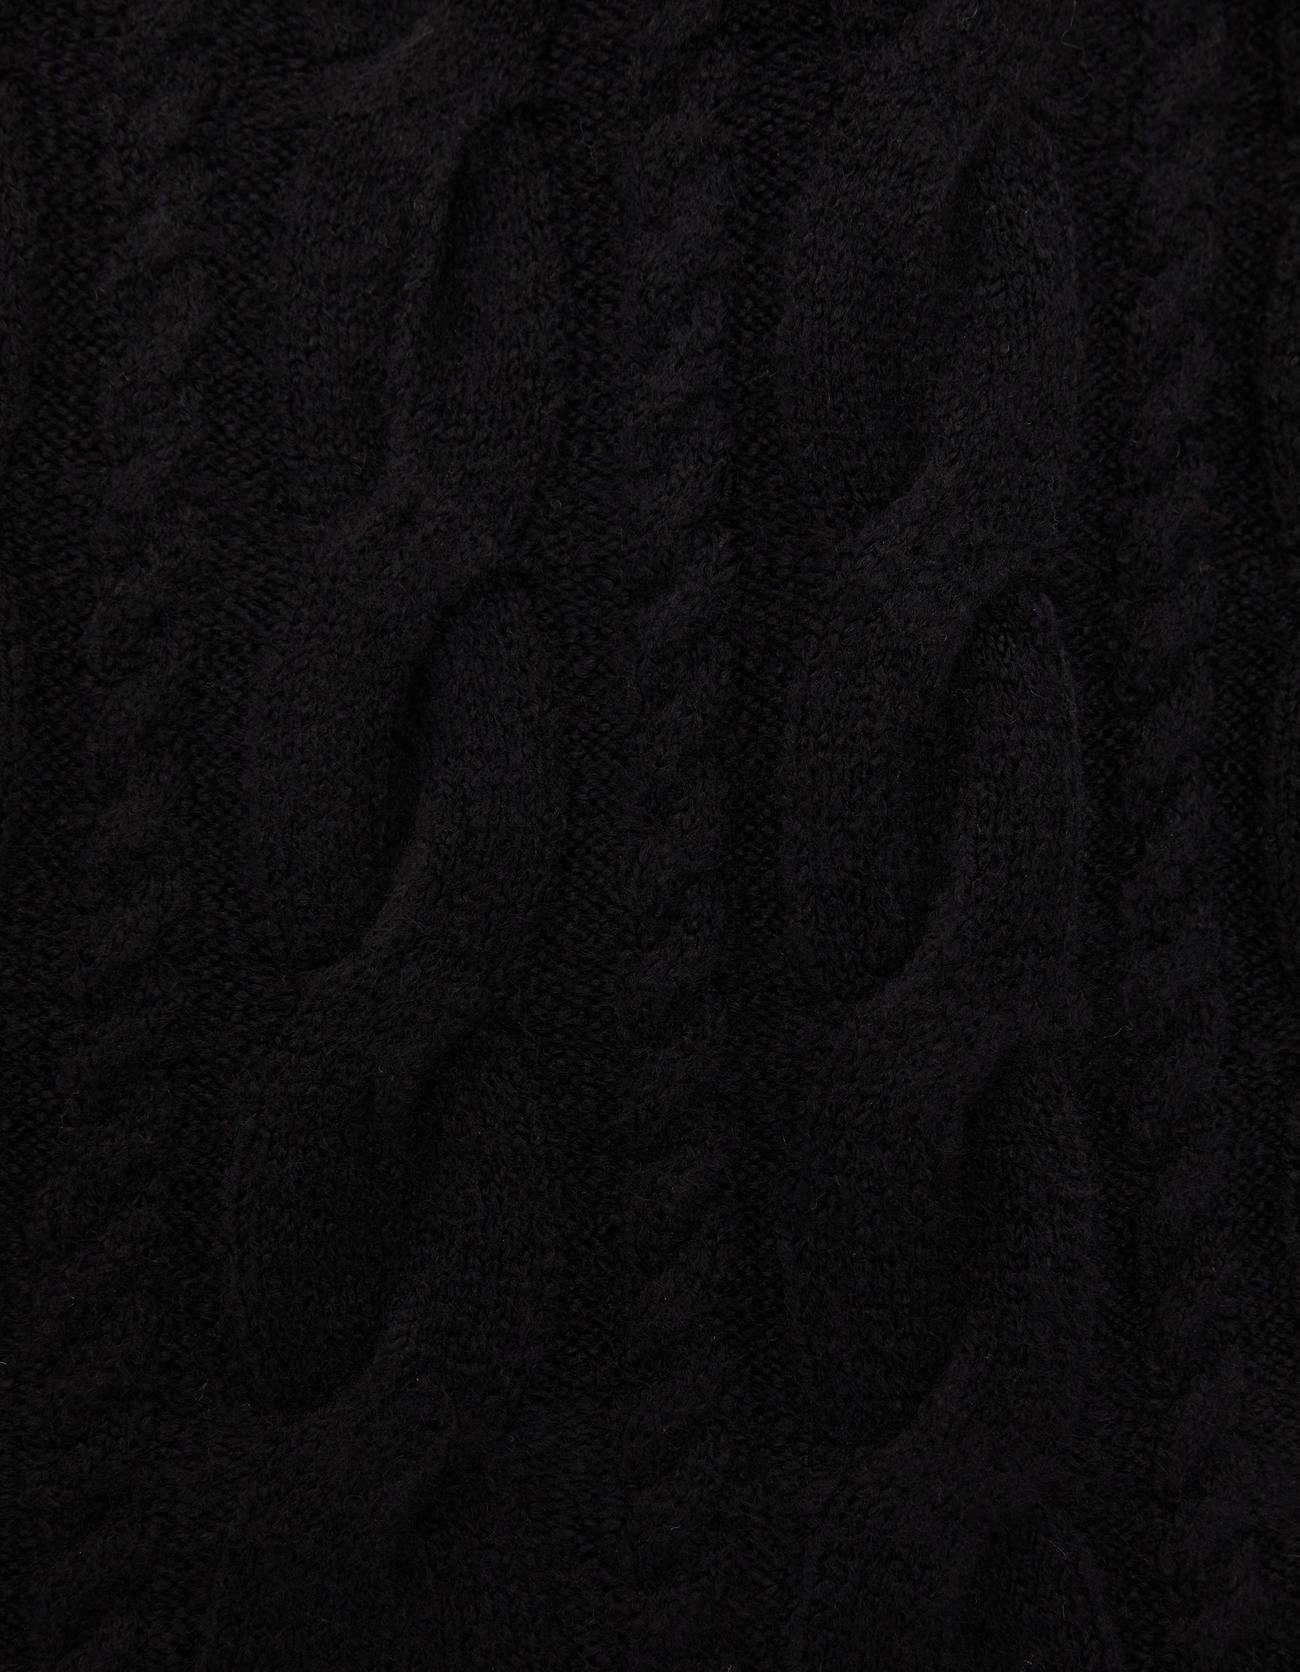 Свитер с узором «Косы» Черный Bershka